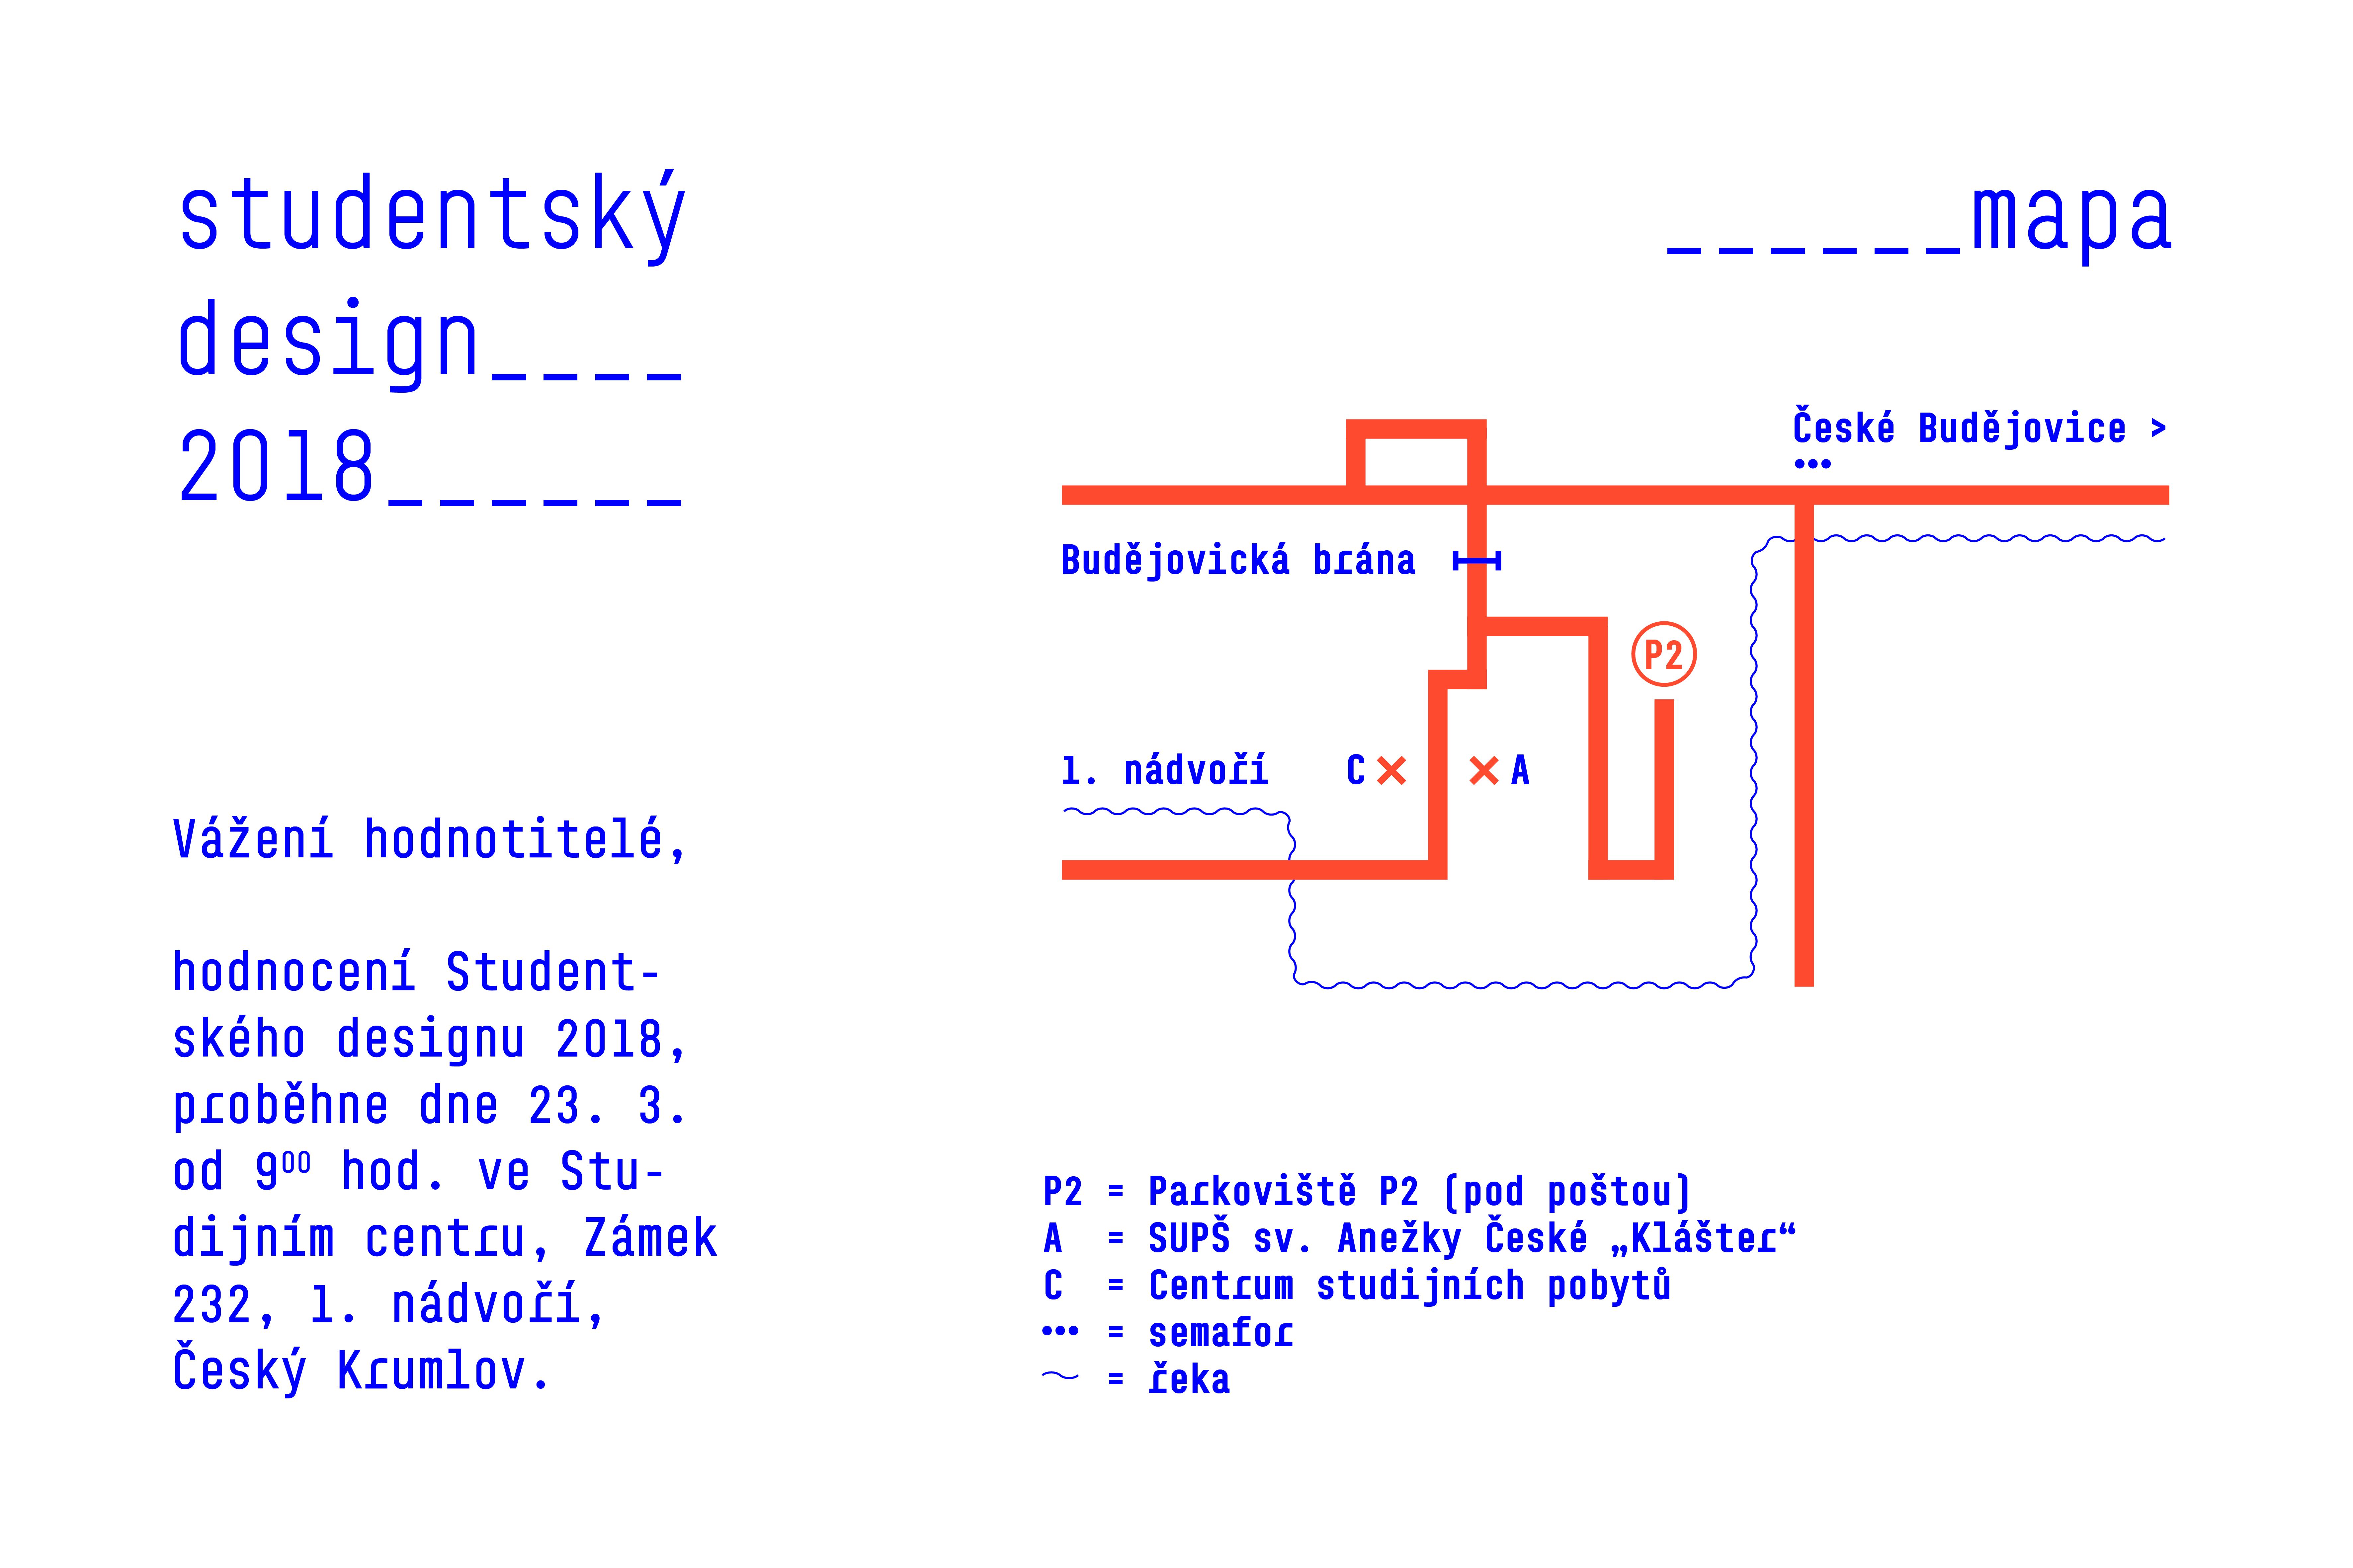 Pozvánka pro hodnotitele – Studentský design 2018